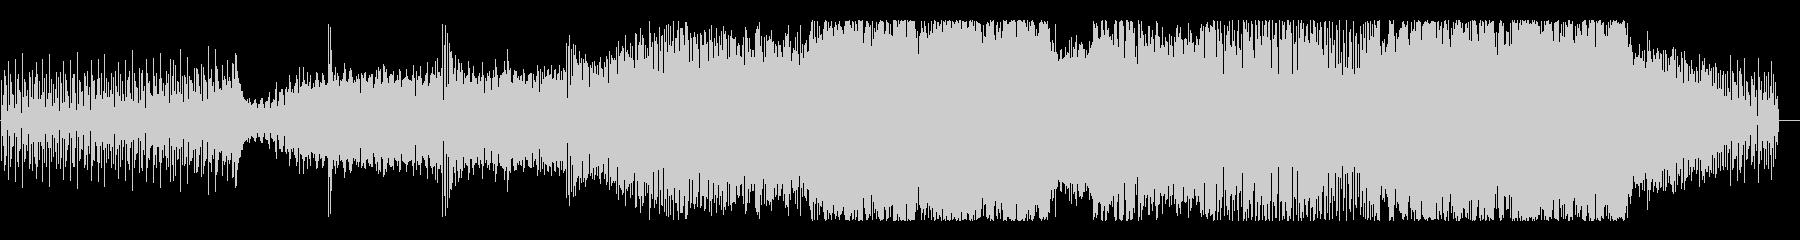 明暗が入り混じったようなEDMの未再生の波形